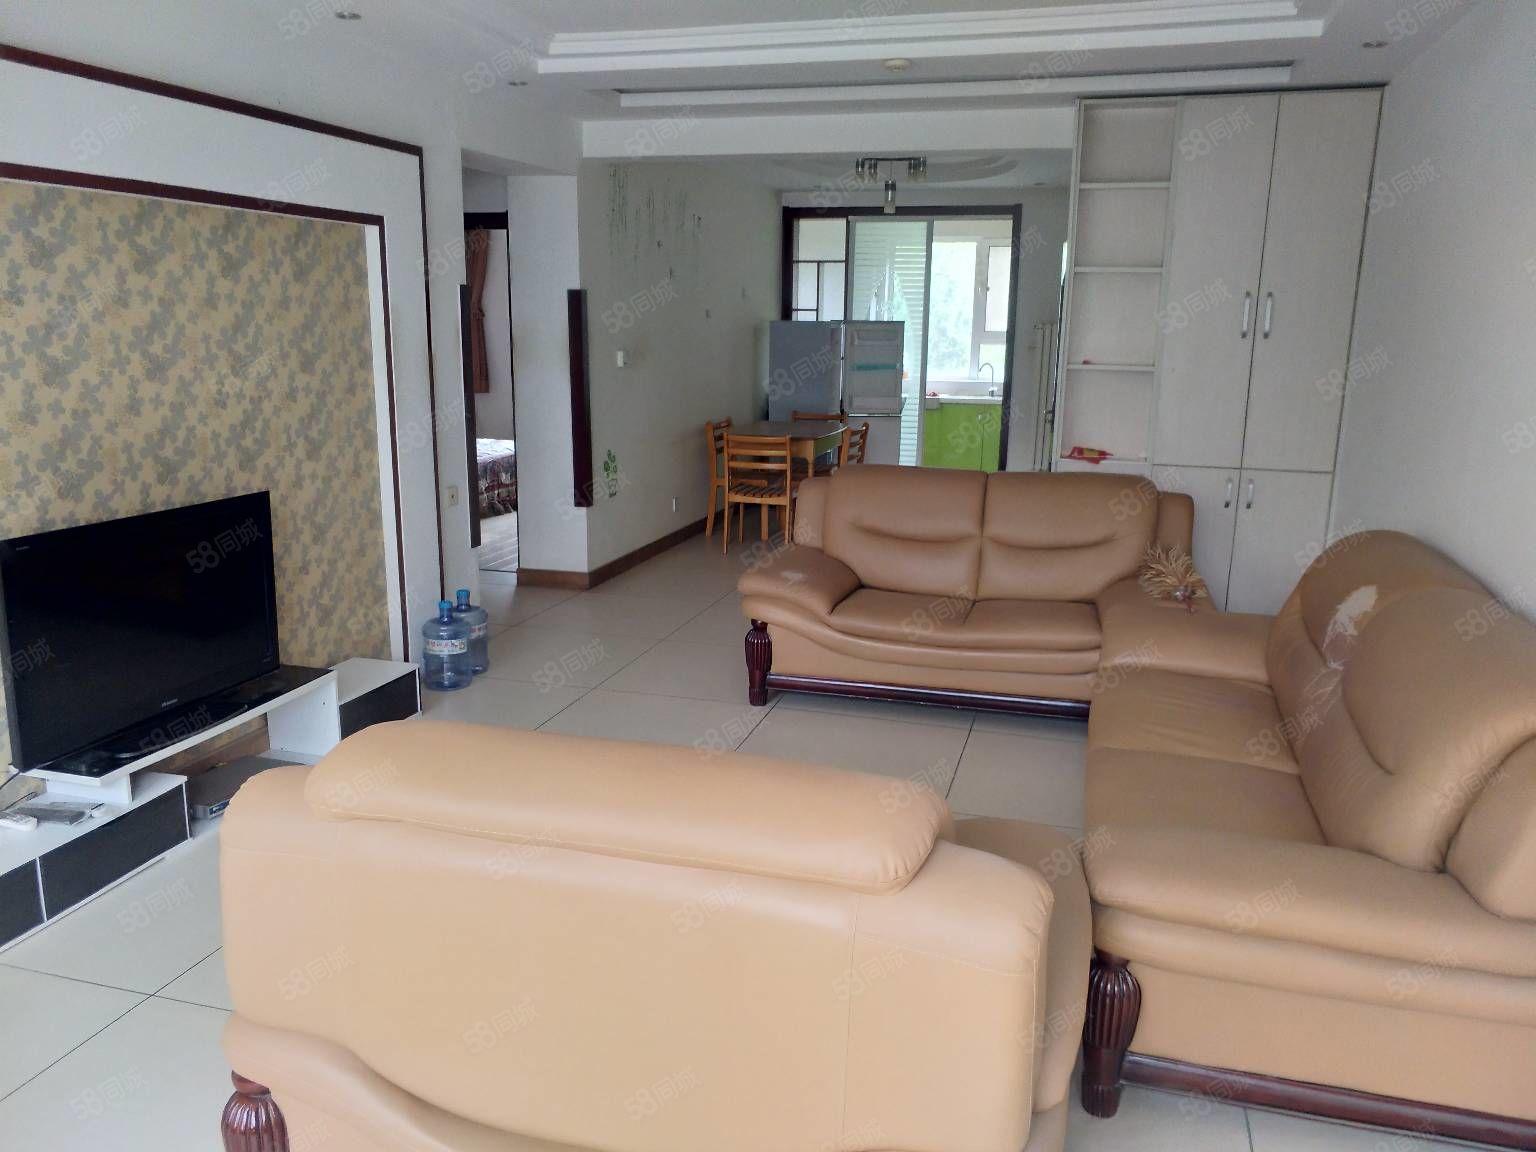 2楼馨和苑91平米两室落地窗熊猫户型随时看房